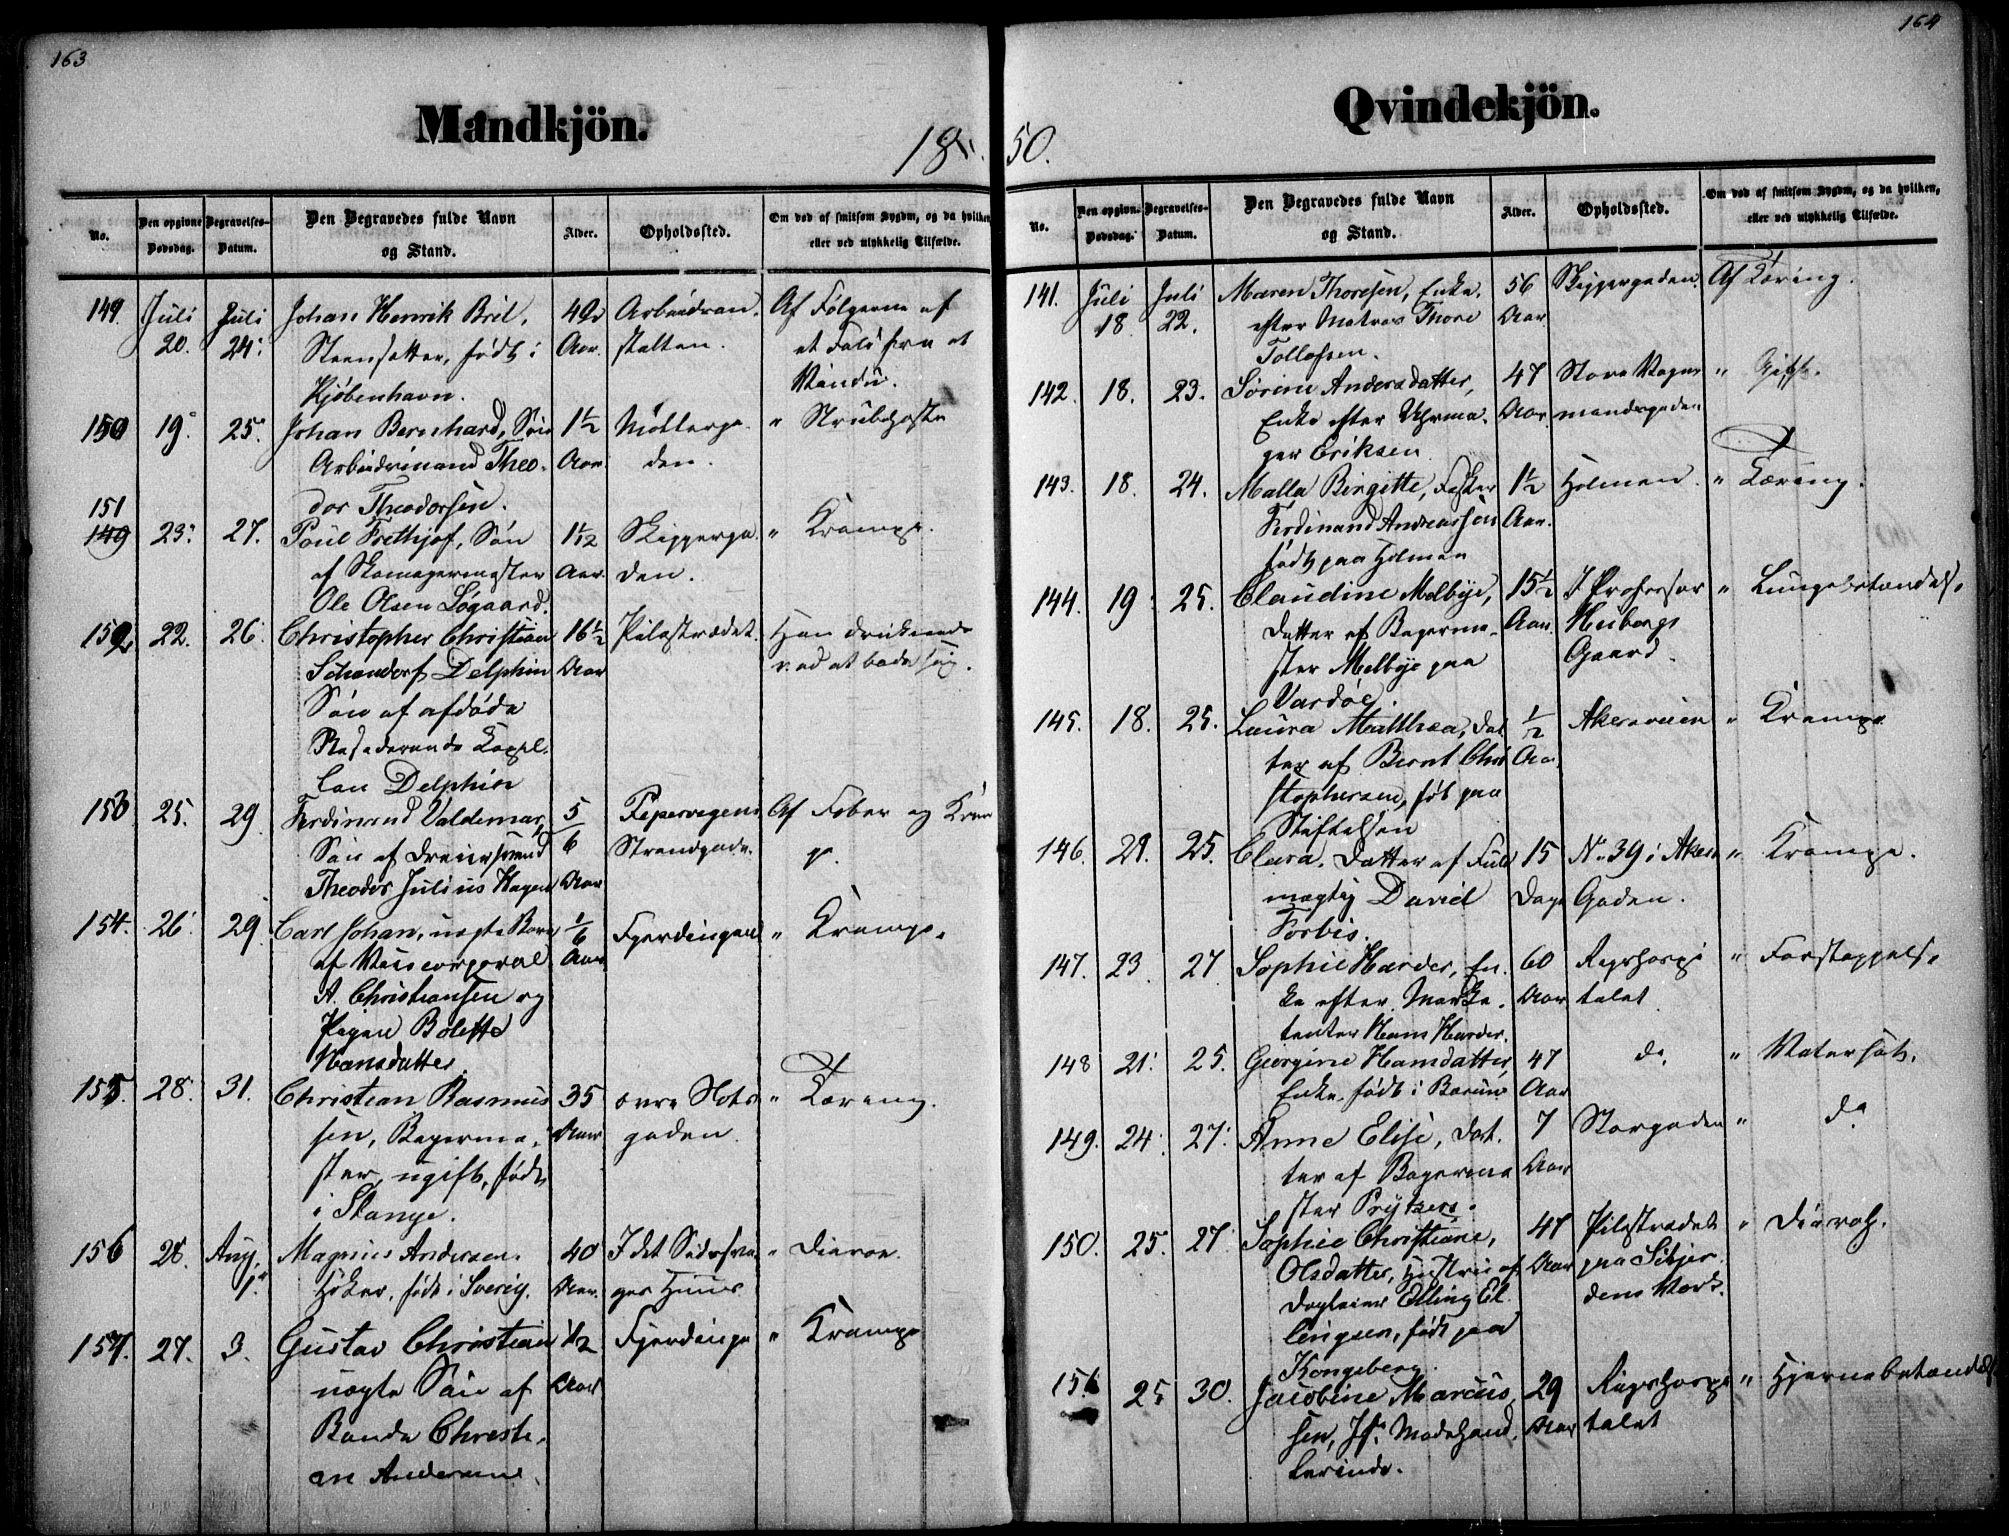 SAO, Oslo domkirke Kirkebøker, F/Fa/L0025: Ministerialbok nr. 25, 1847-1867, s. 163-164